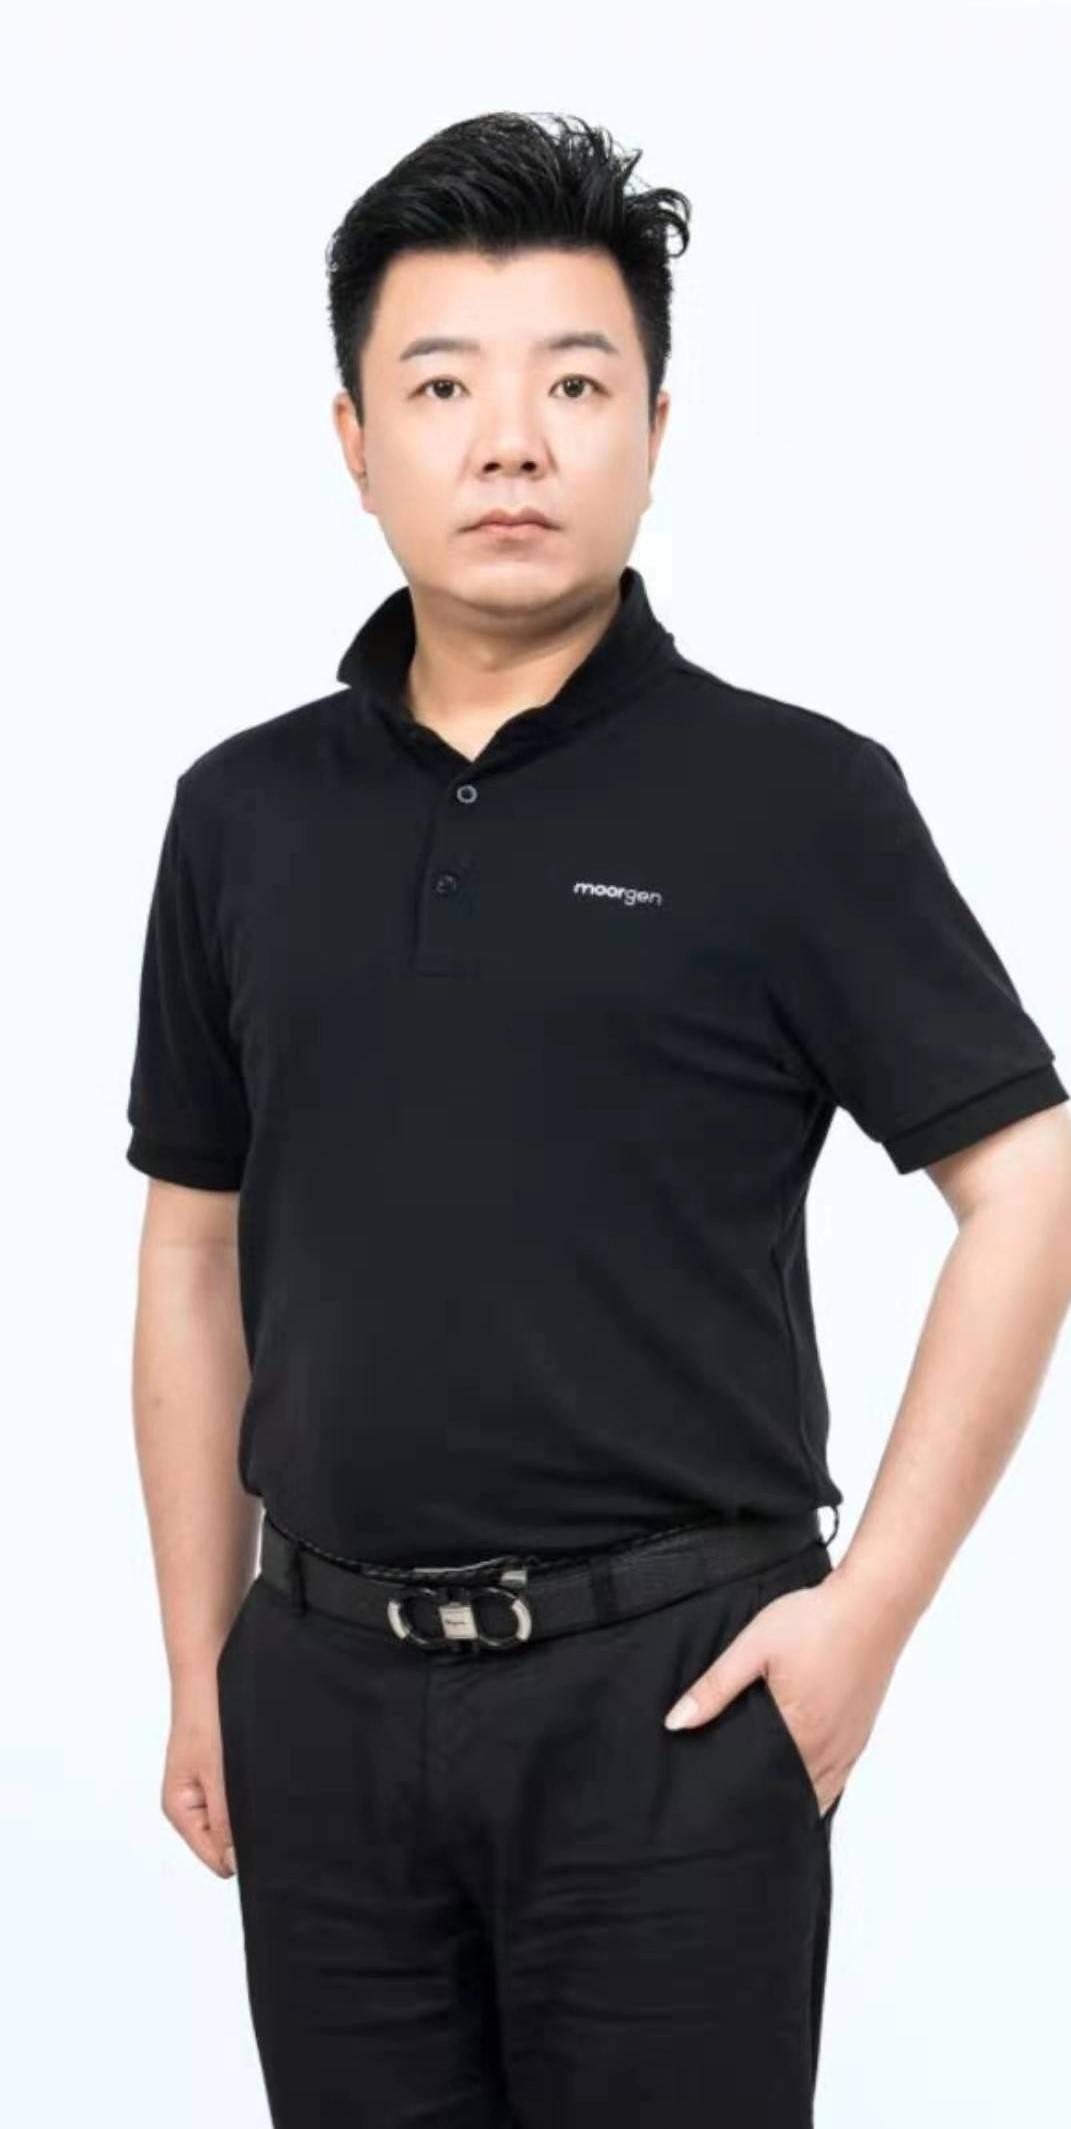 唐山私享智能科技有限公司 创始人 杨志远